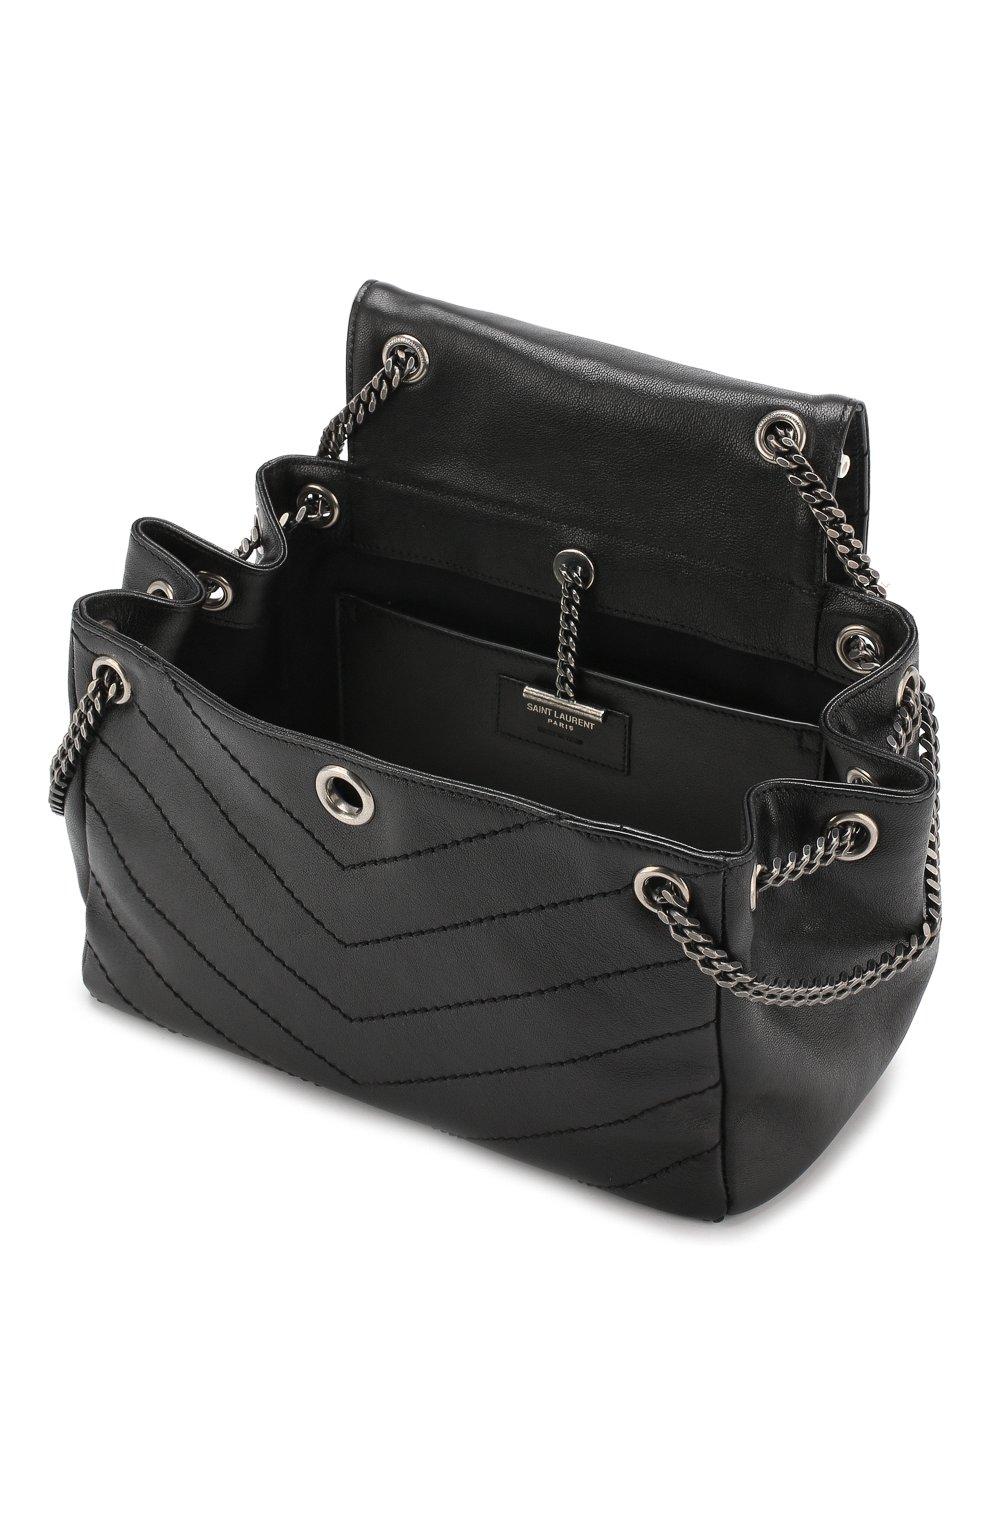 Сумка Nolita small Saint Laurent черная цвета | Фото №4